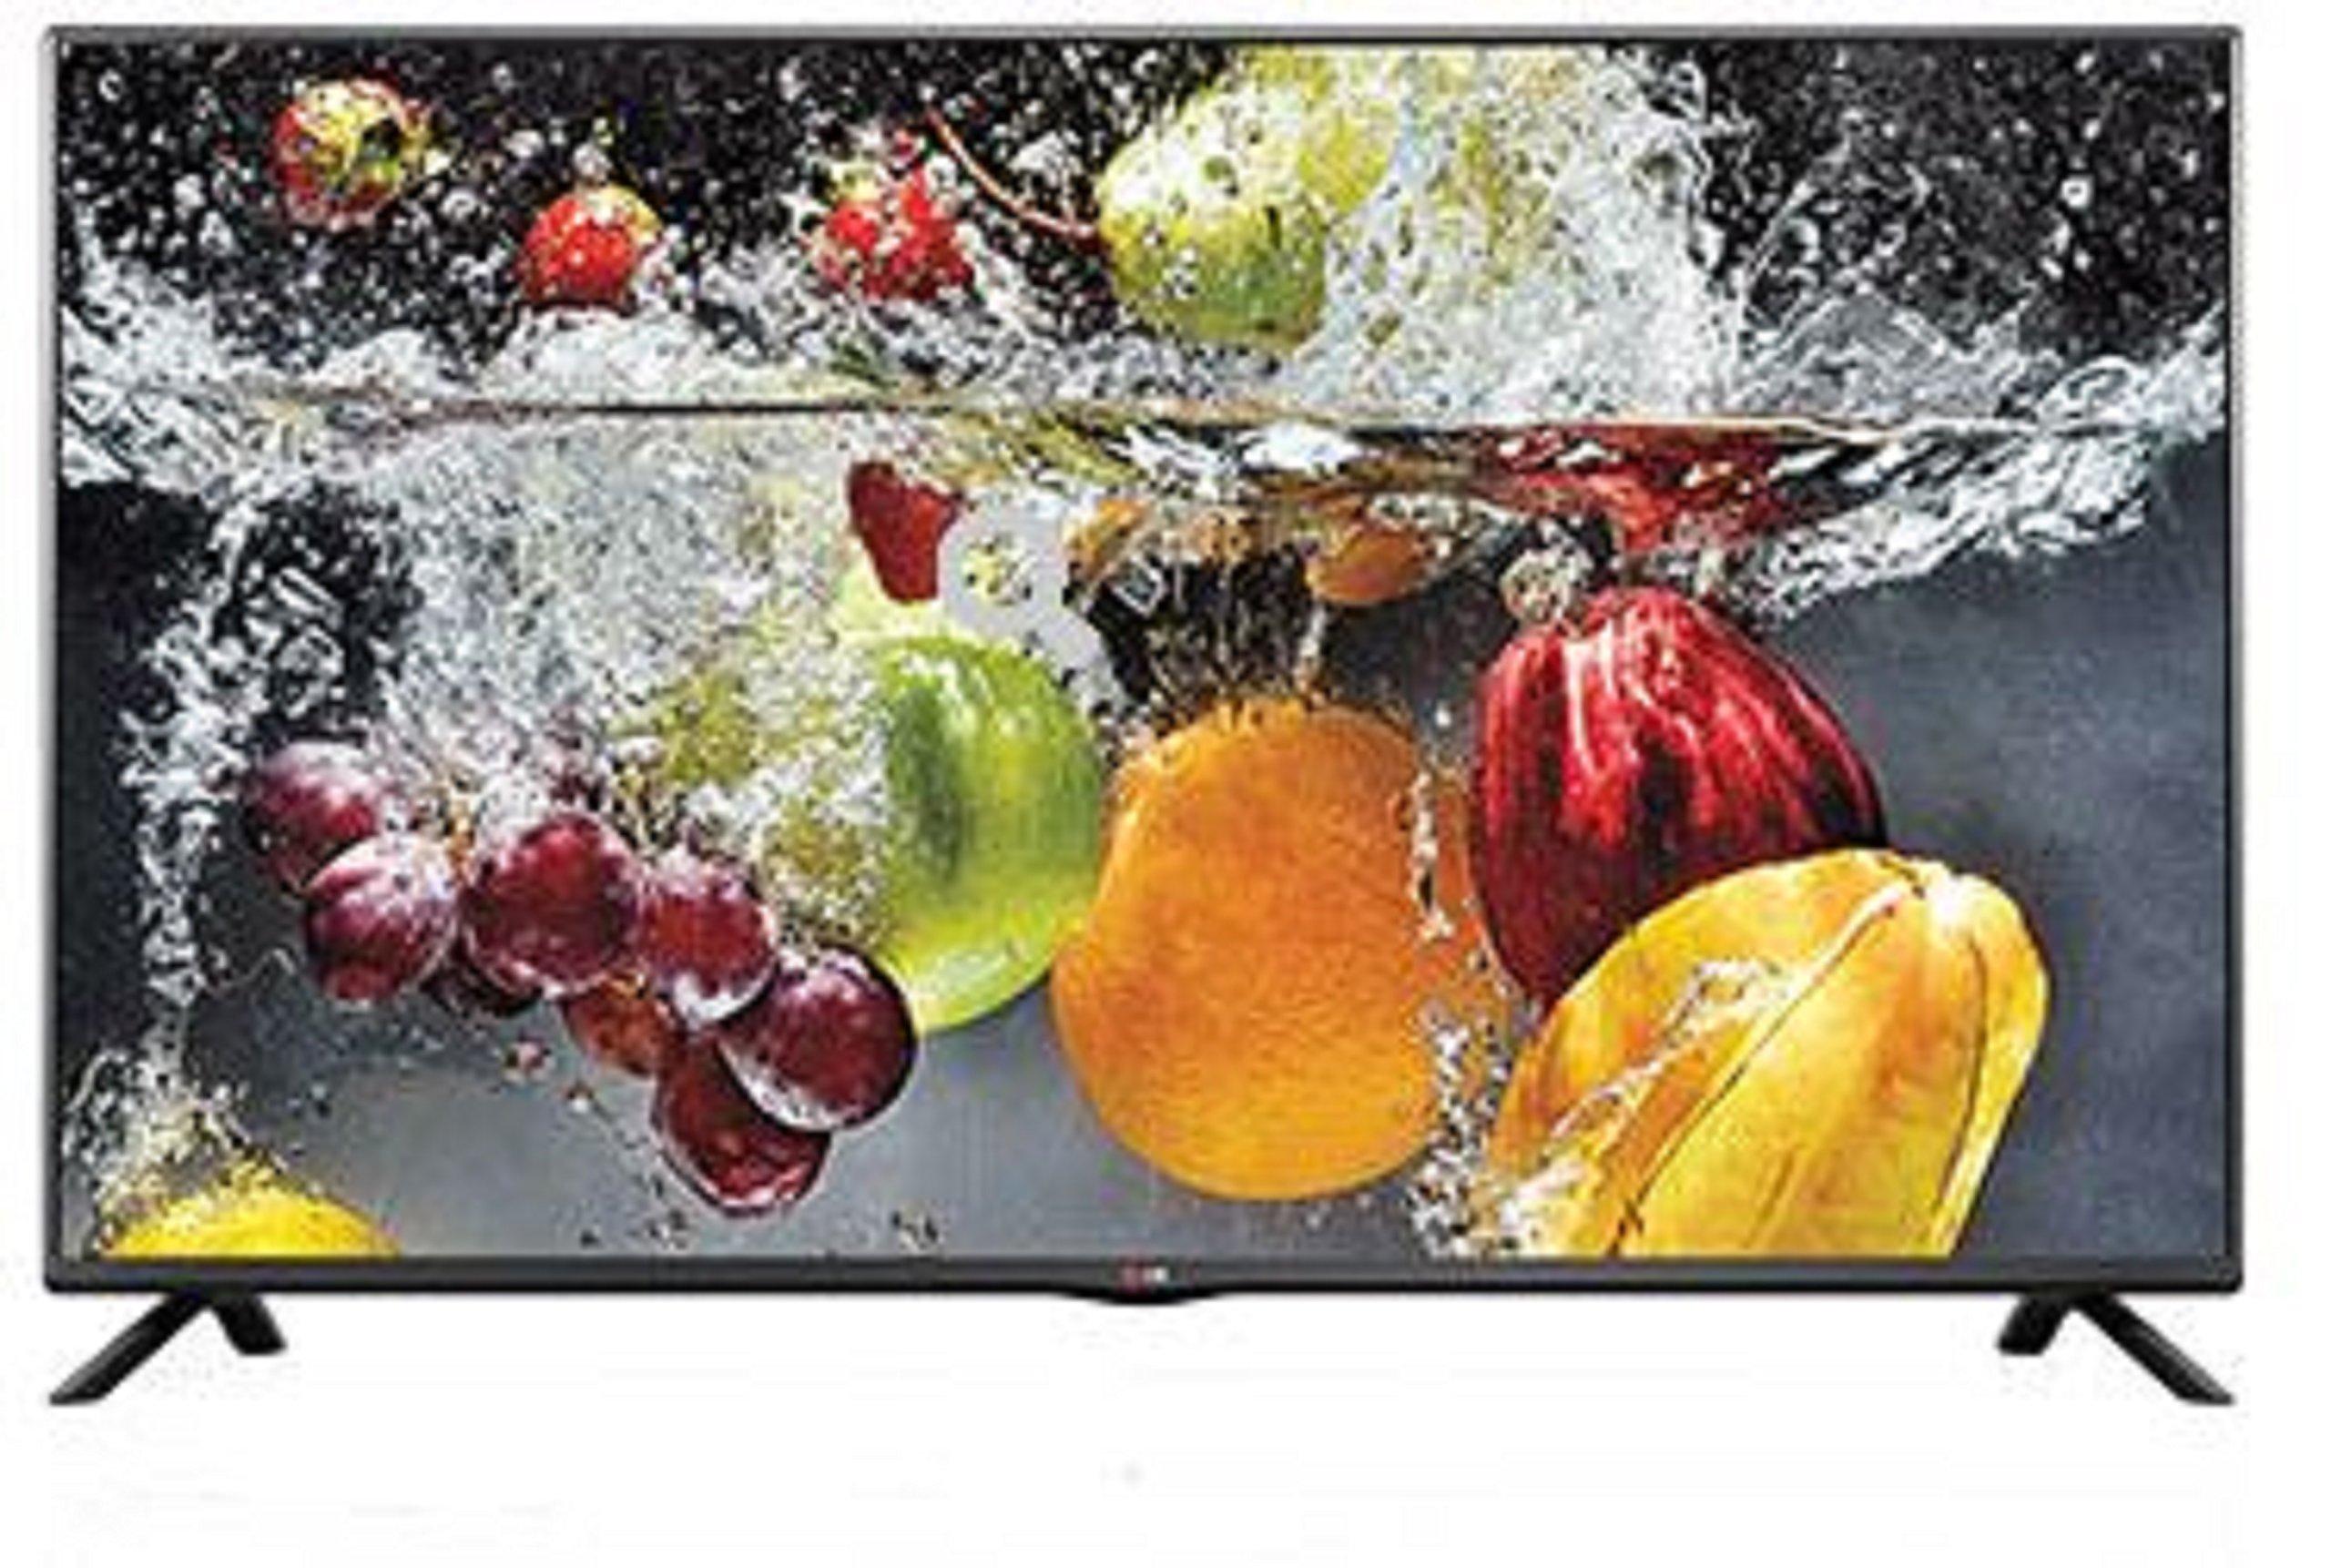 Обзор Sony KDL-5 W817B: стильный и - Hi-Tech